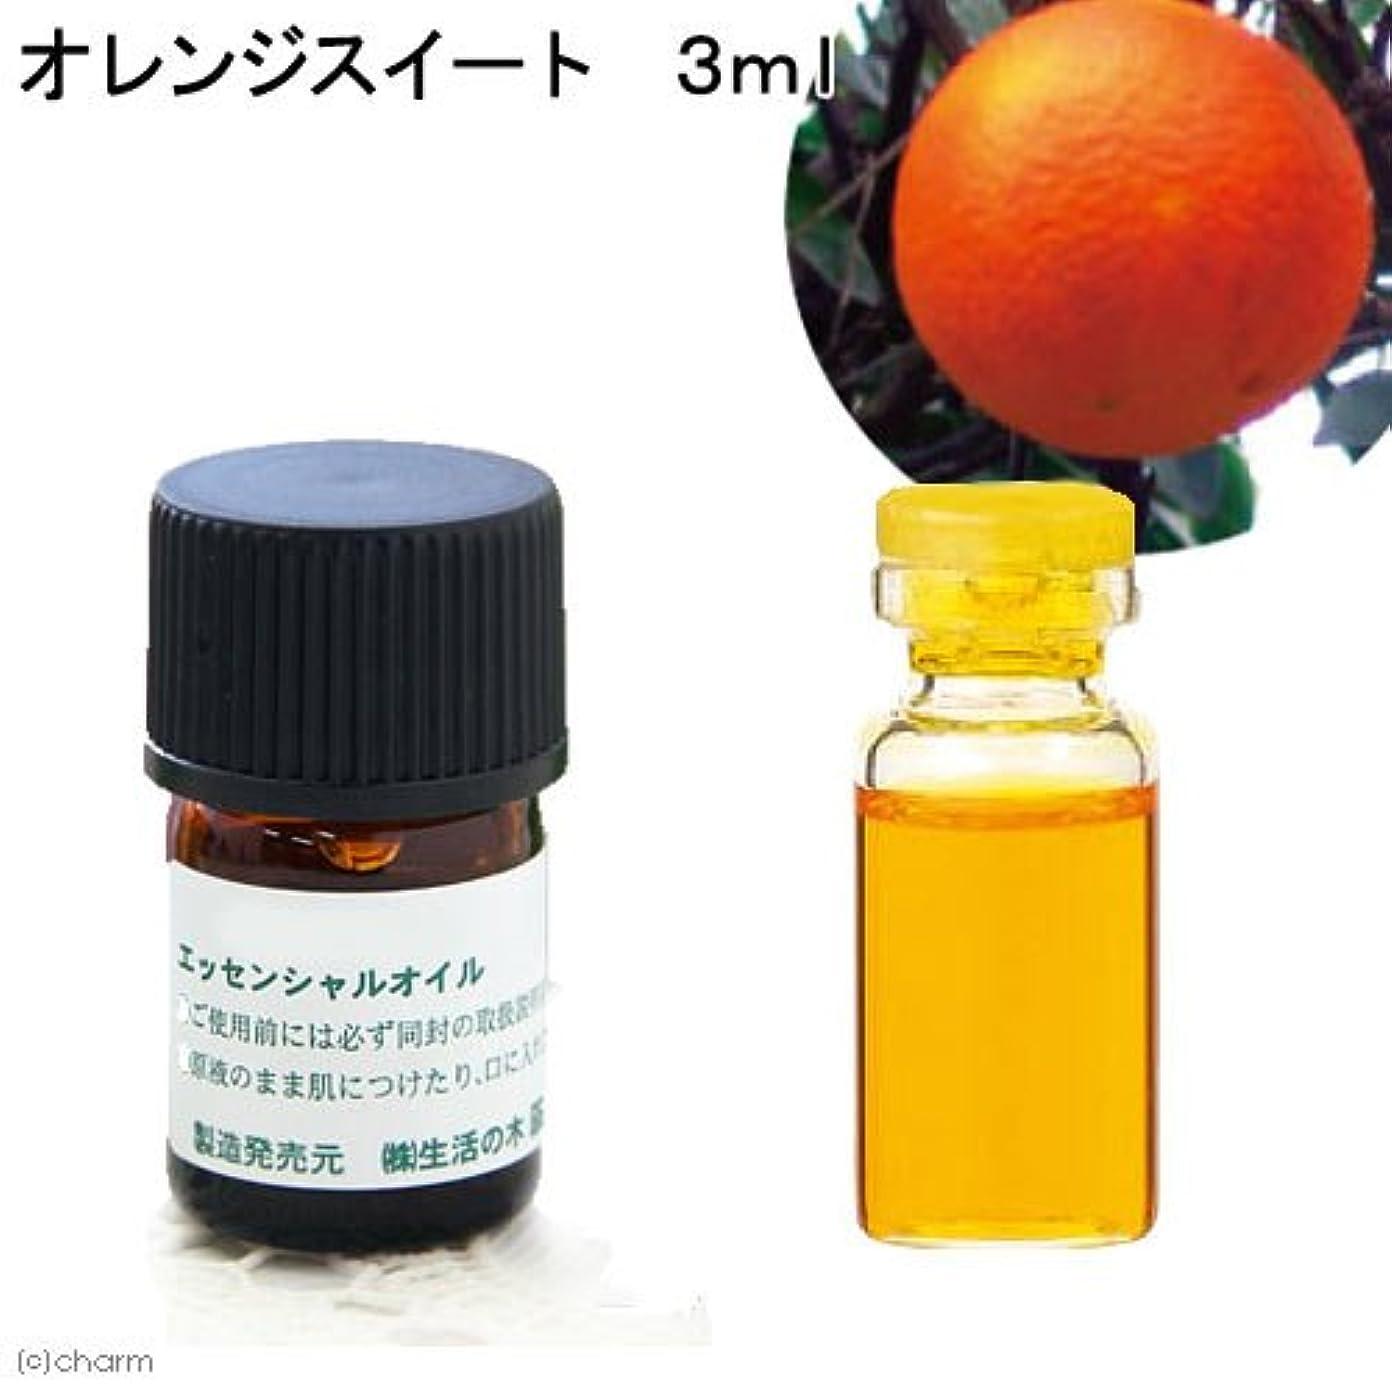 ゼロパッチウィザード生活の木 オレンジスイート 3ml